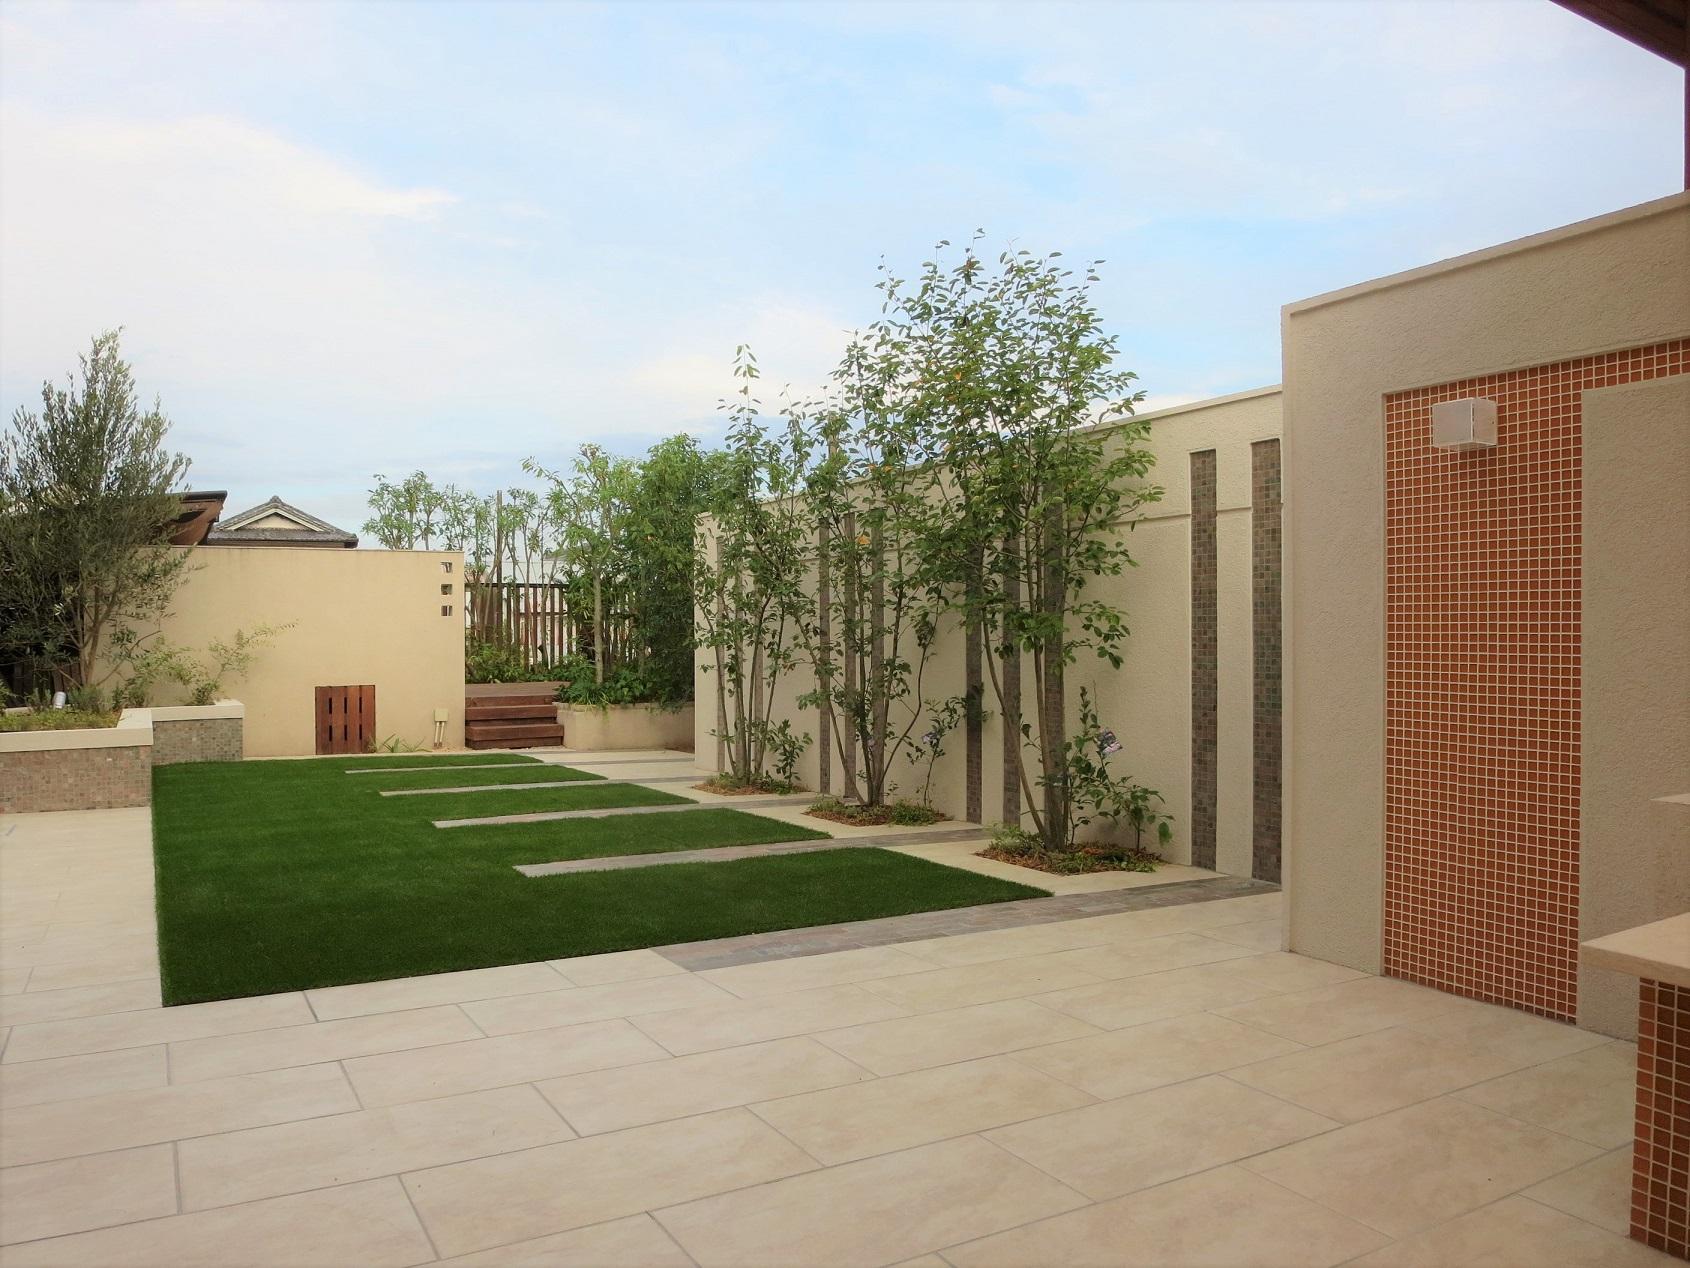 テラスと人工芝庭